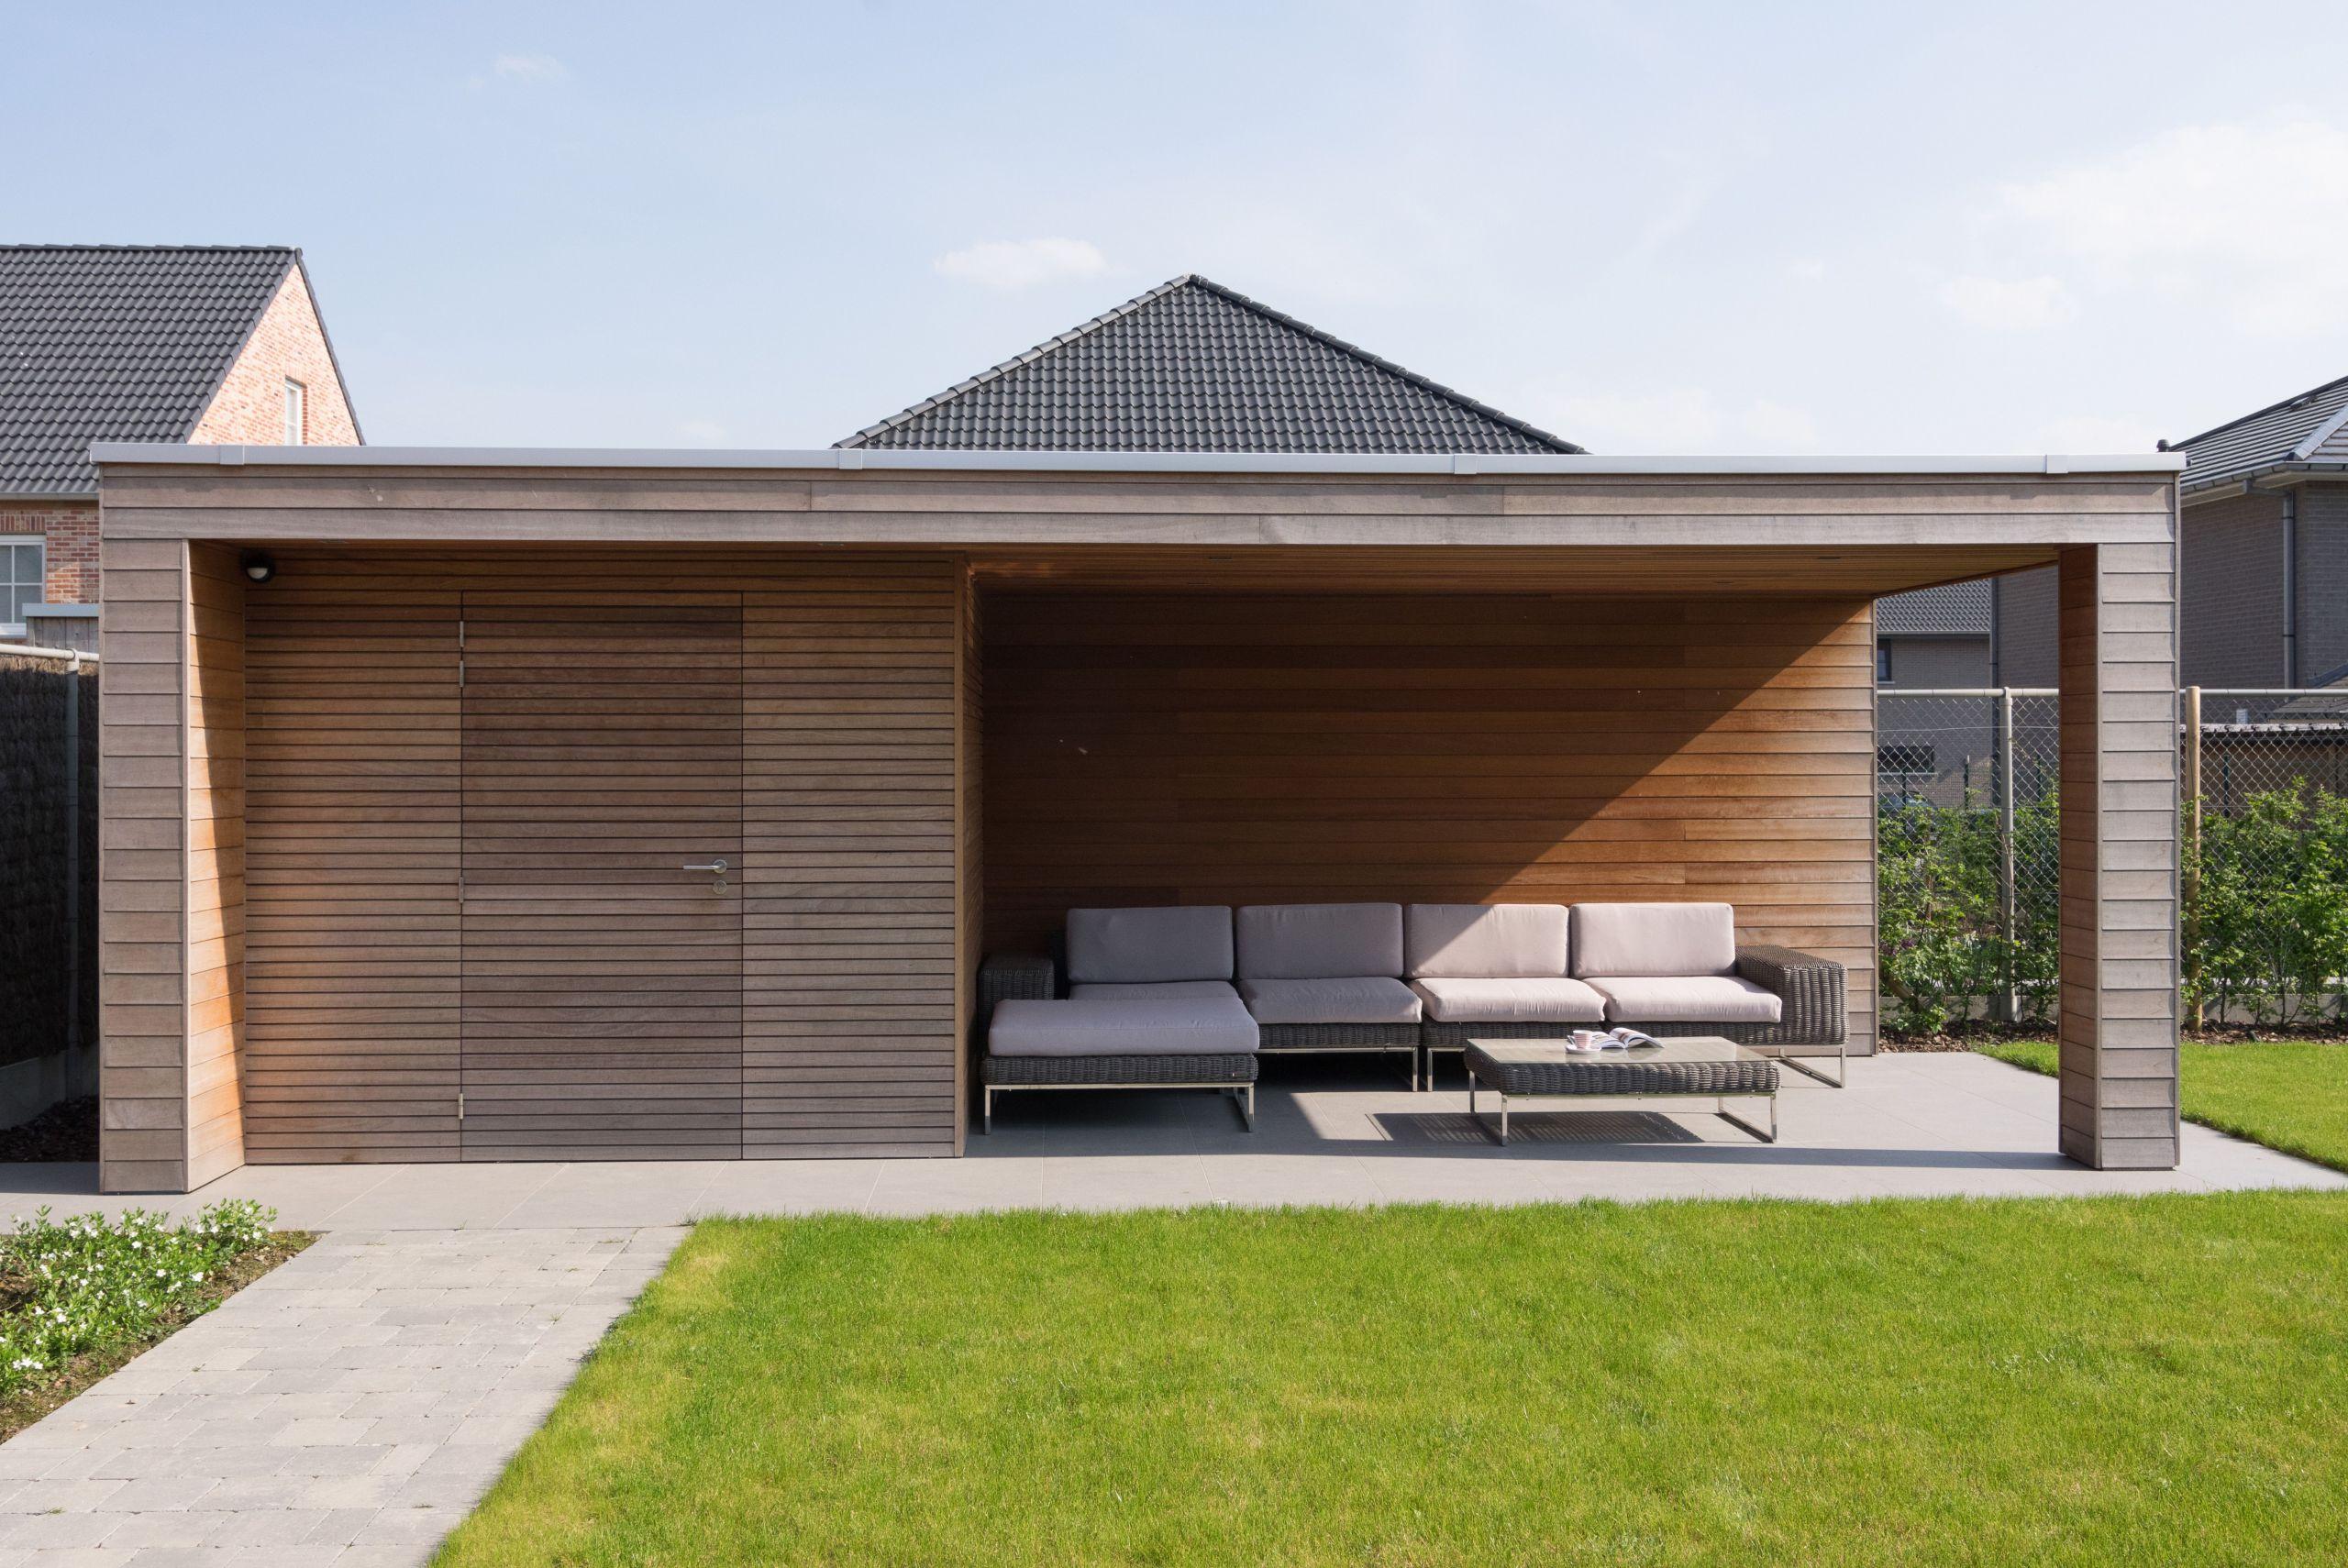 Abri De Jardin Moderne Modern Tuinhuis Met Overkapping Abri ... encequiconcerne Abri De Jardin Moderne